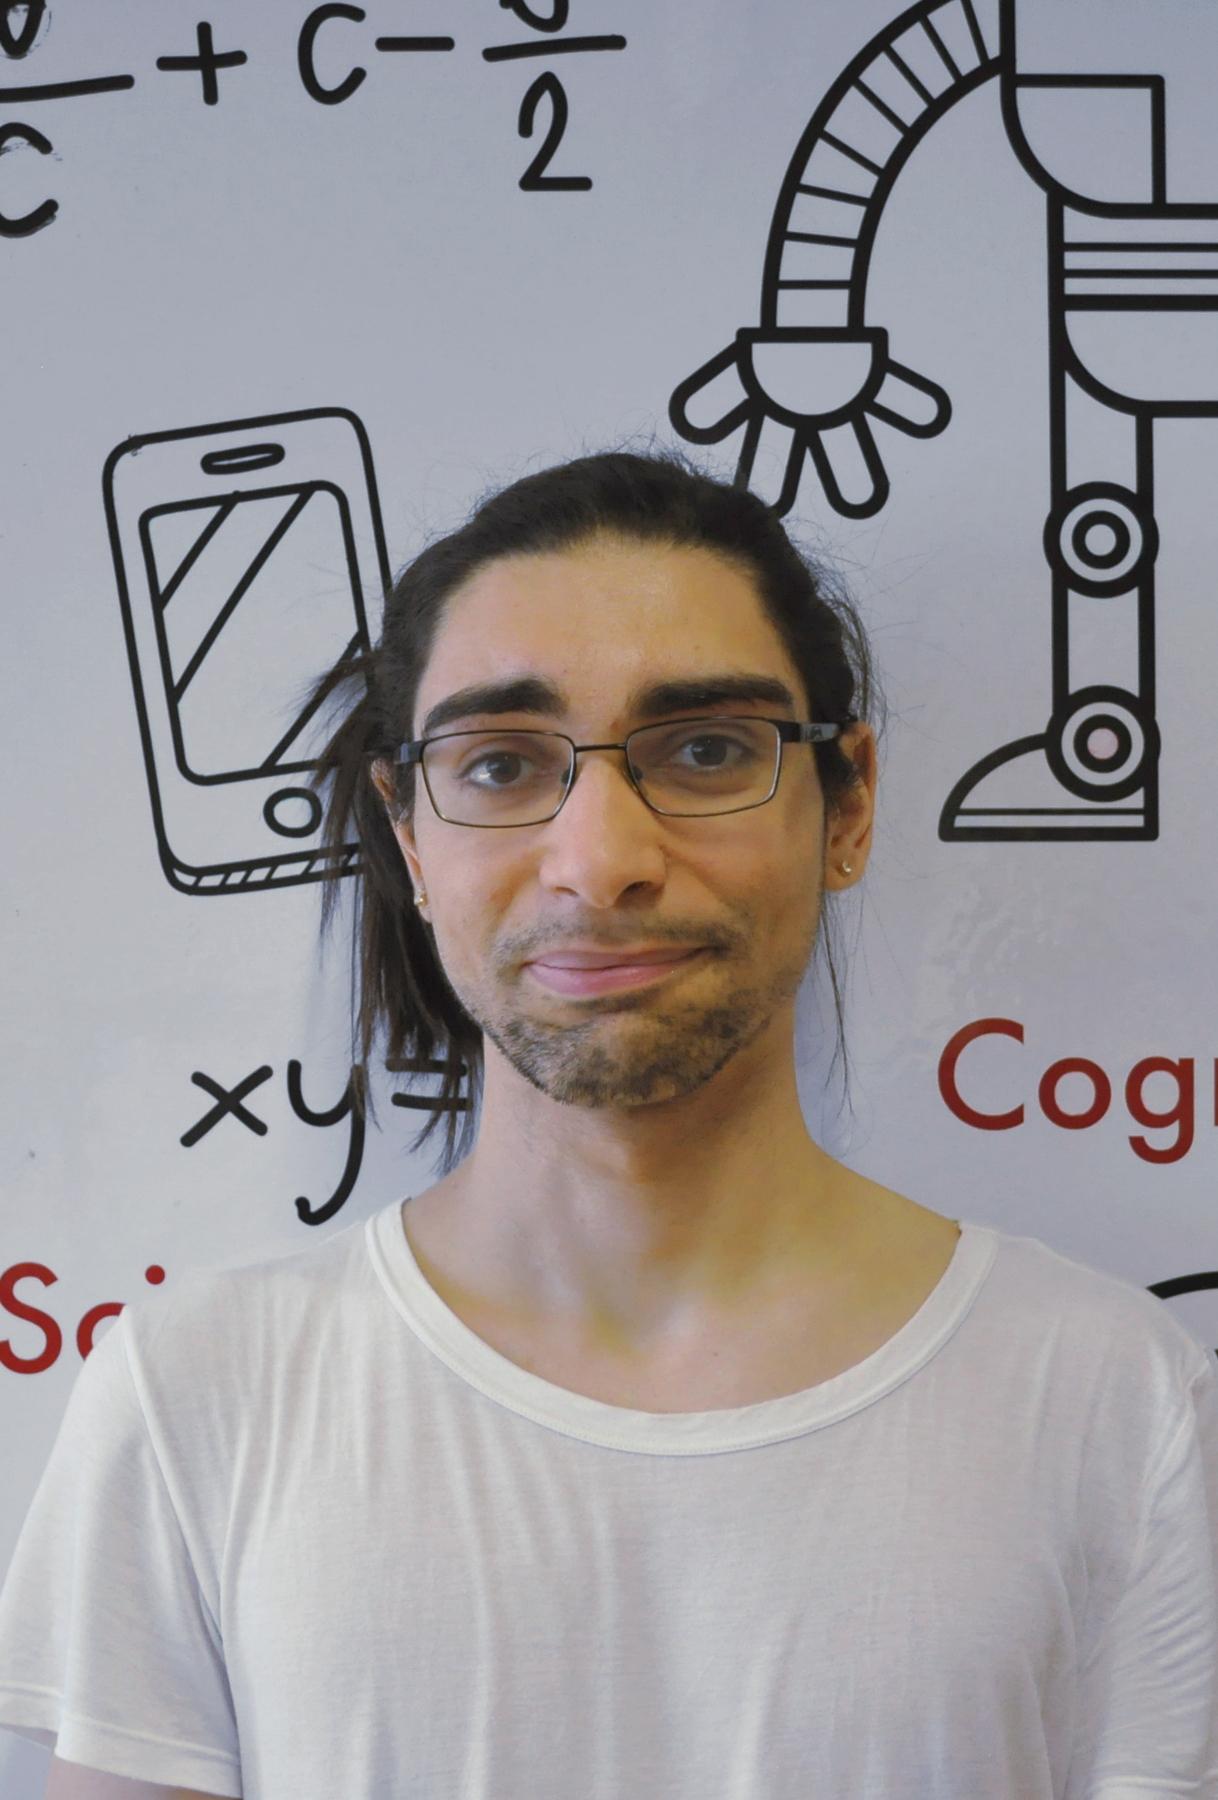 José Corujeira